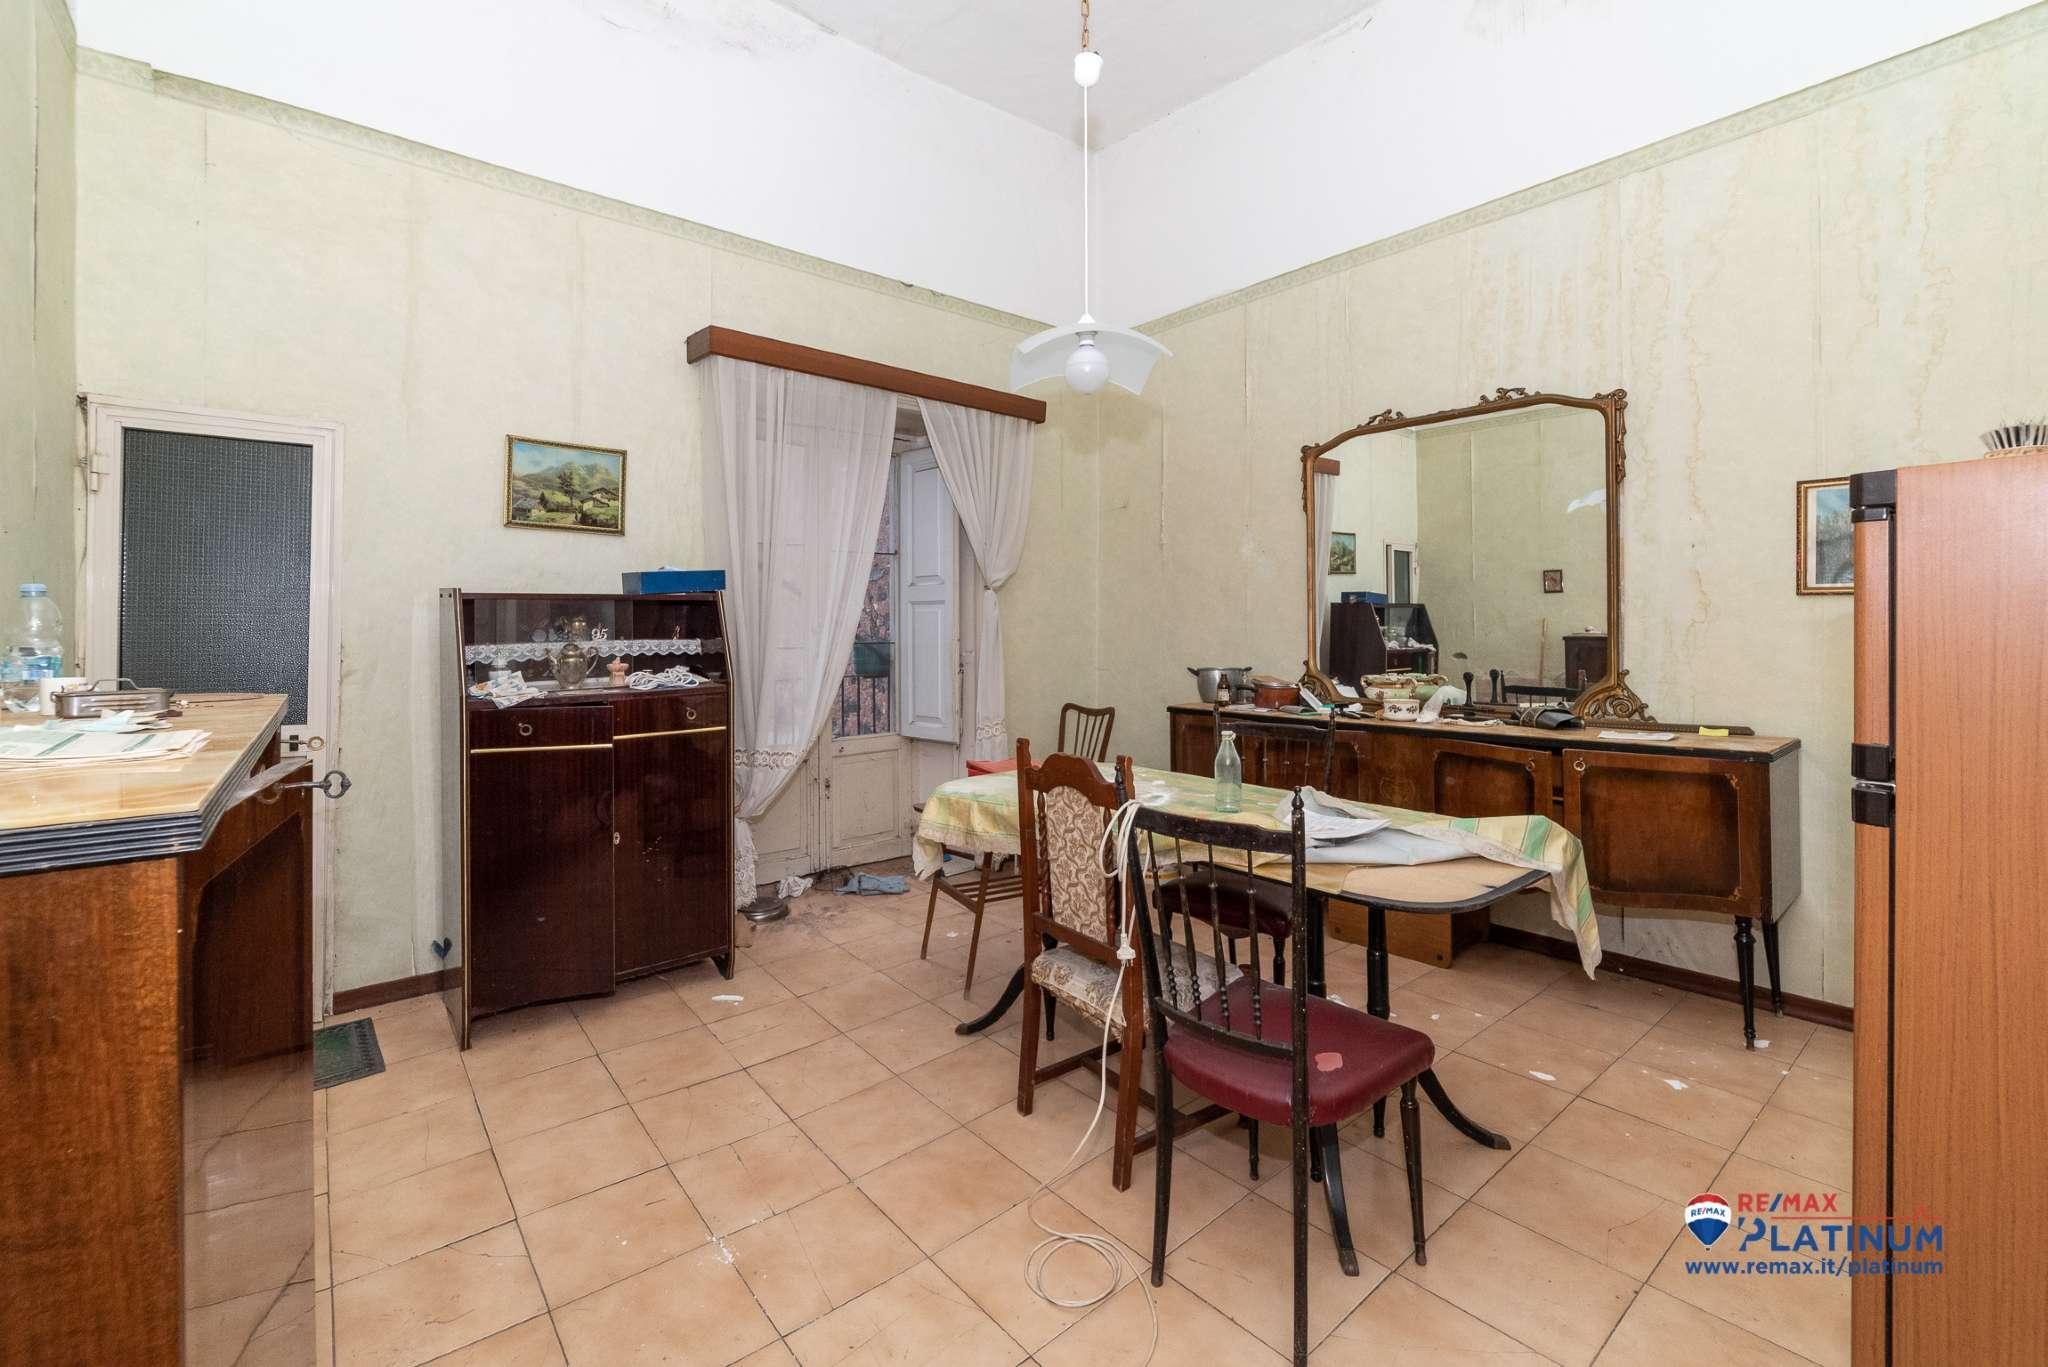 Appartamento in vendita a Catania, 3 locali, prezzo € 40.000 | PortaleAgenzieImmobiliari.it